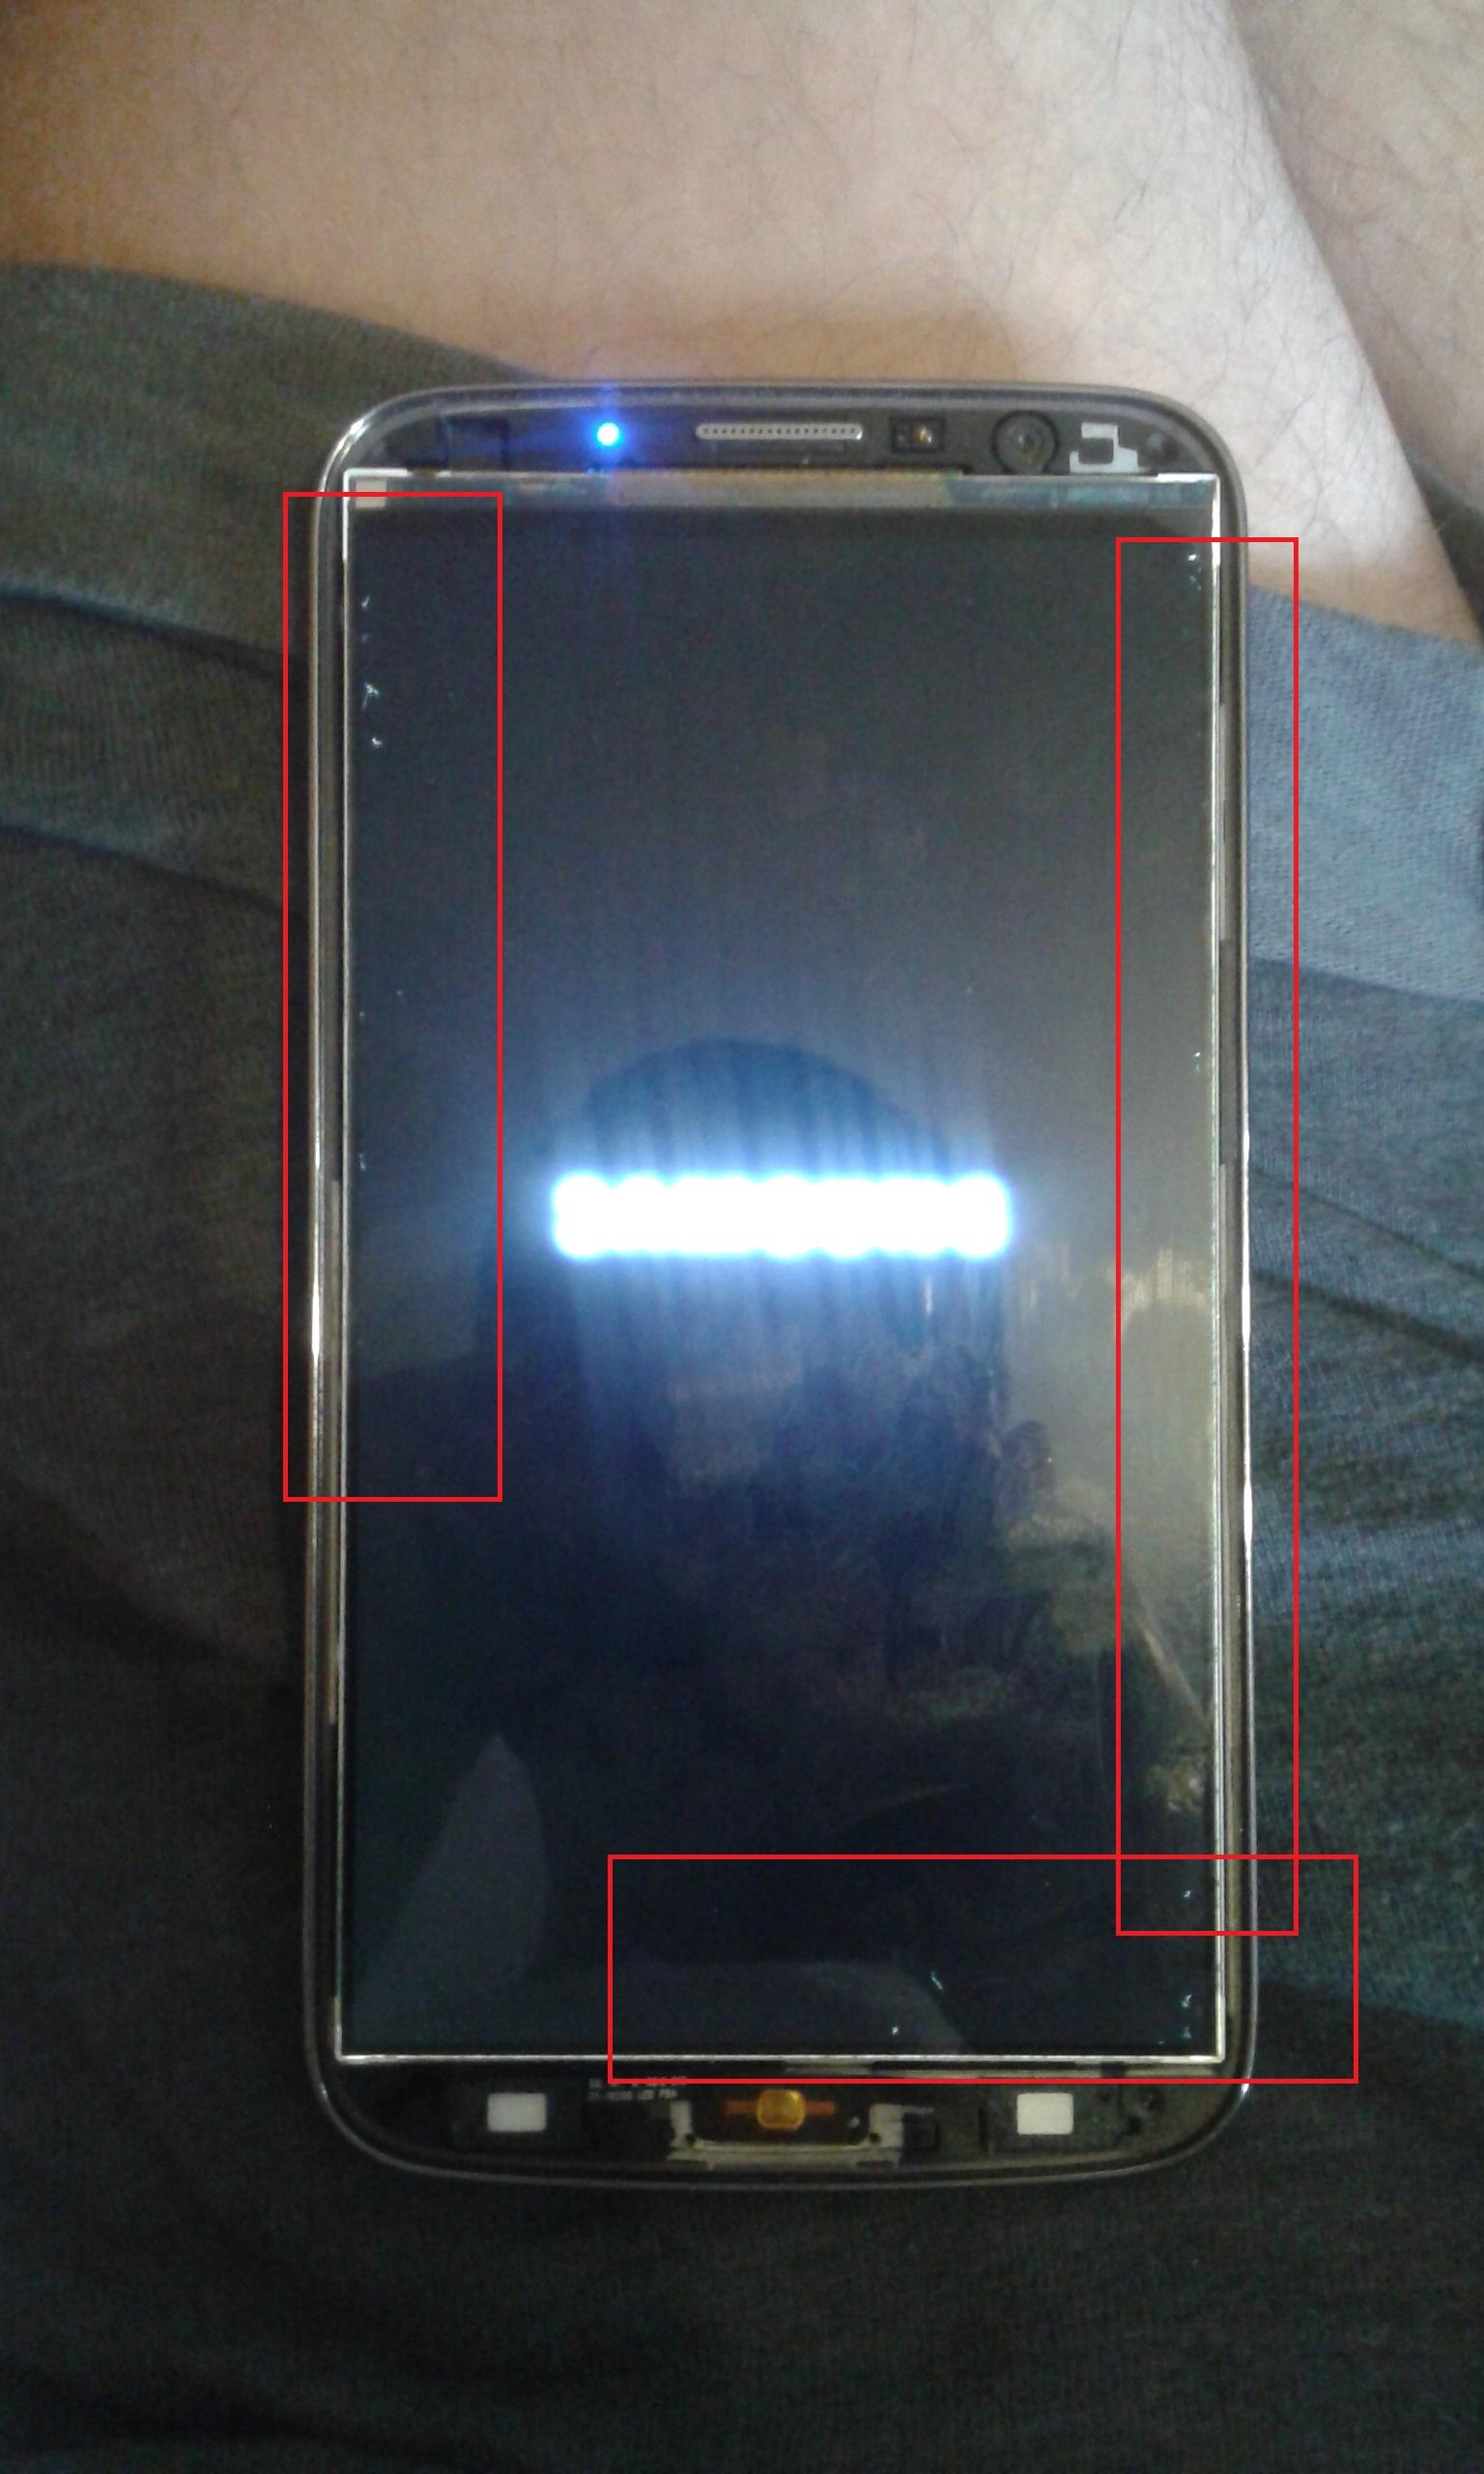 Samsung Galaxy Mega 6.3 Wy�wietlacz i dziwne rzeczy